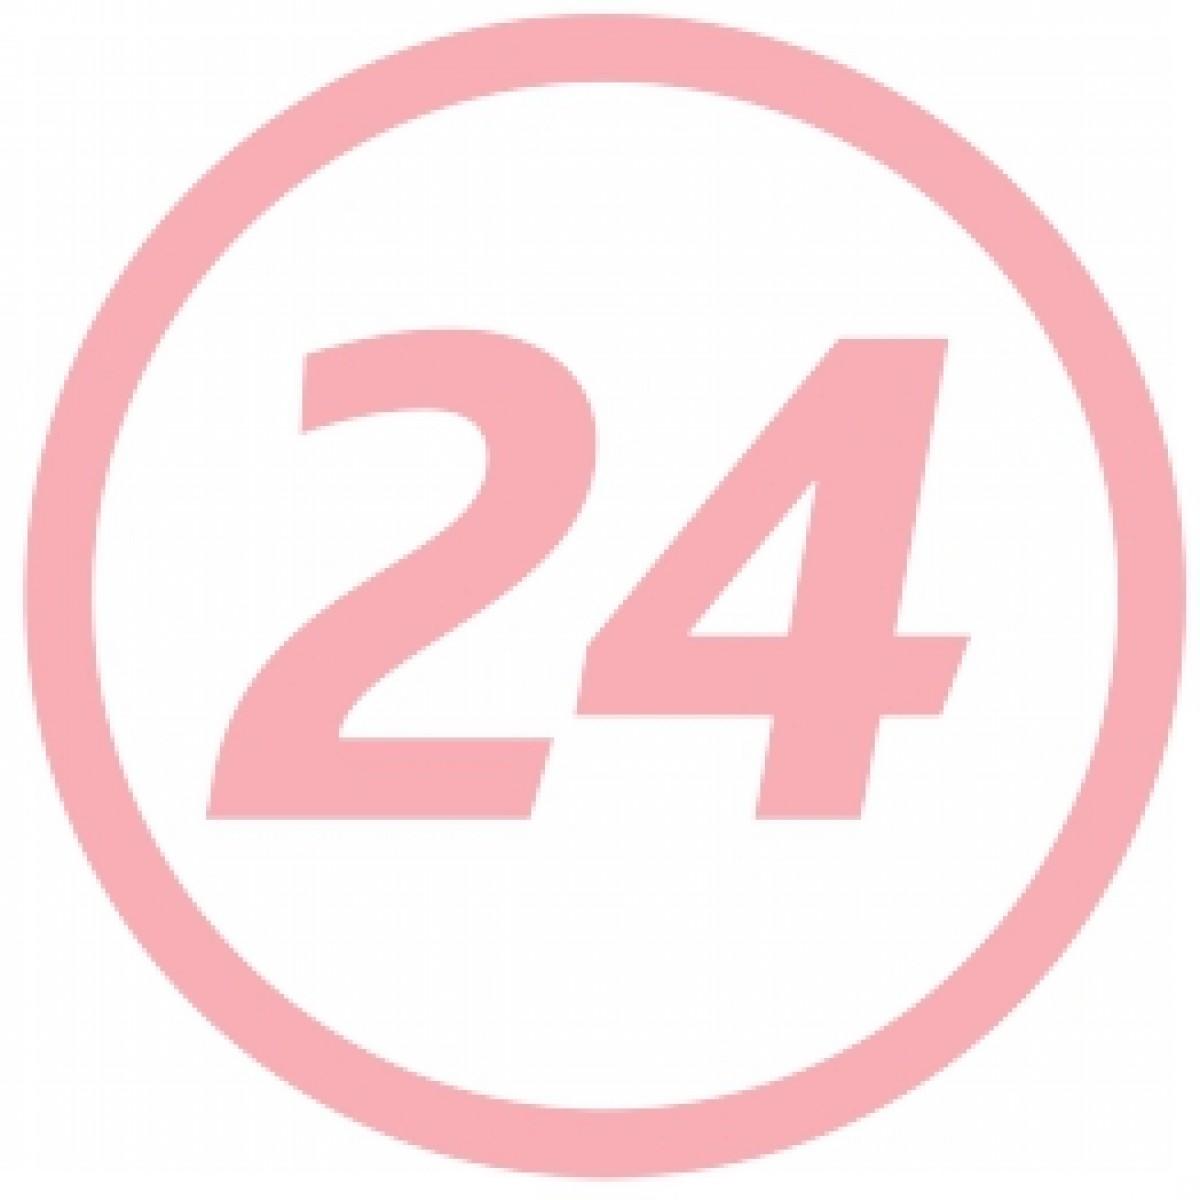 Ducray A-Derma Protect Crema SPF 50+, Crema, 40ml